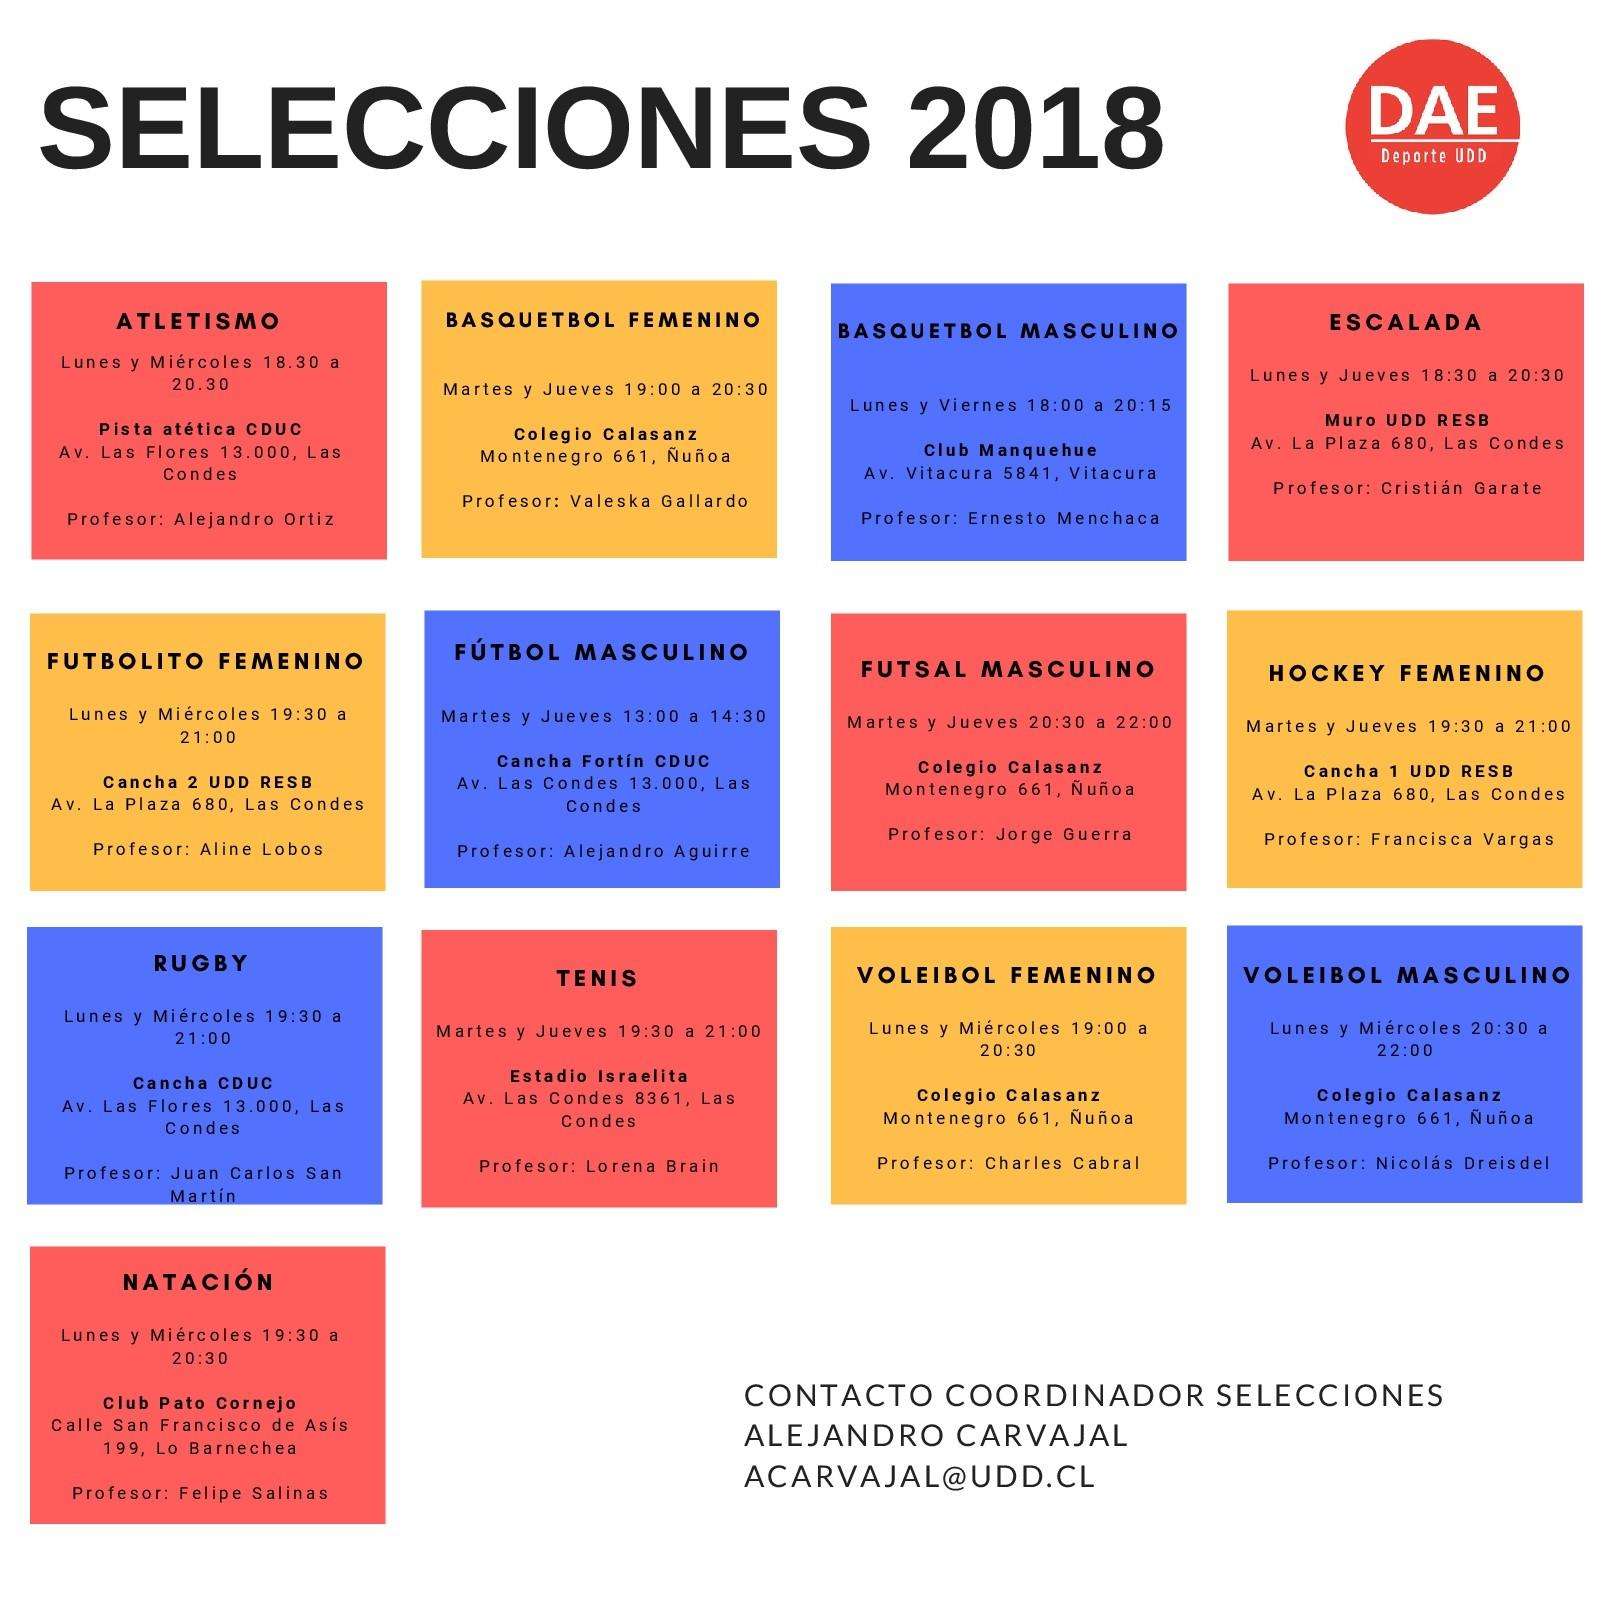 Calendario Para Imprimir 2019 Grande Más Populares Selecciones Y Talleres Udd